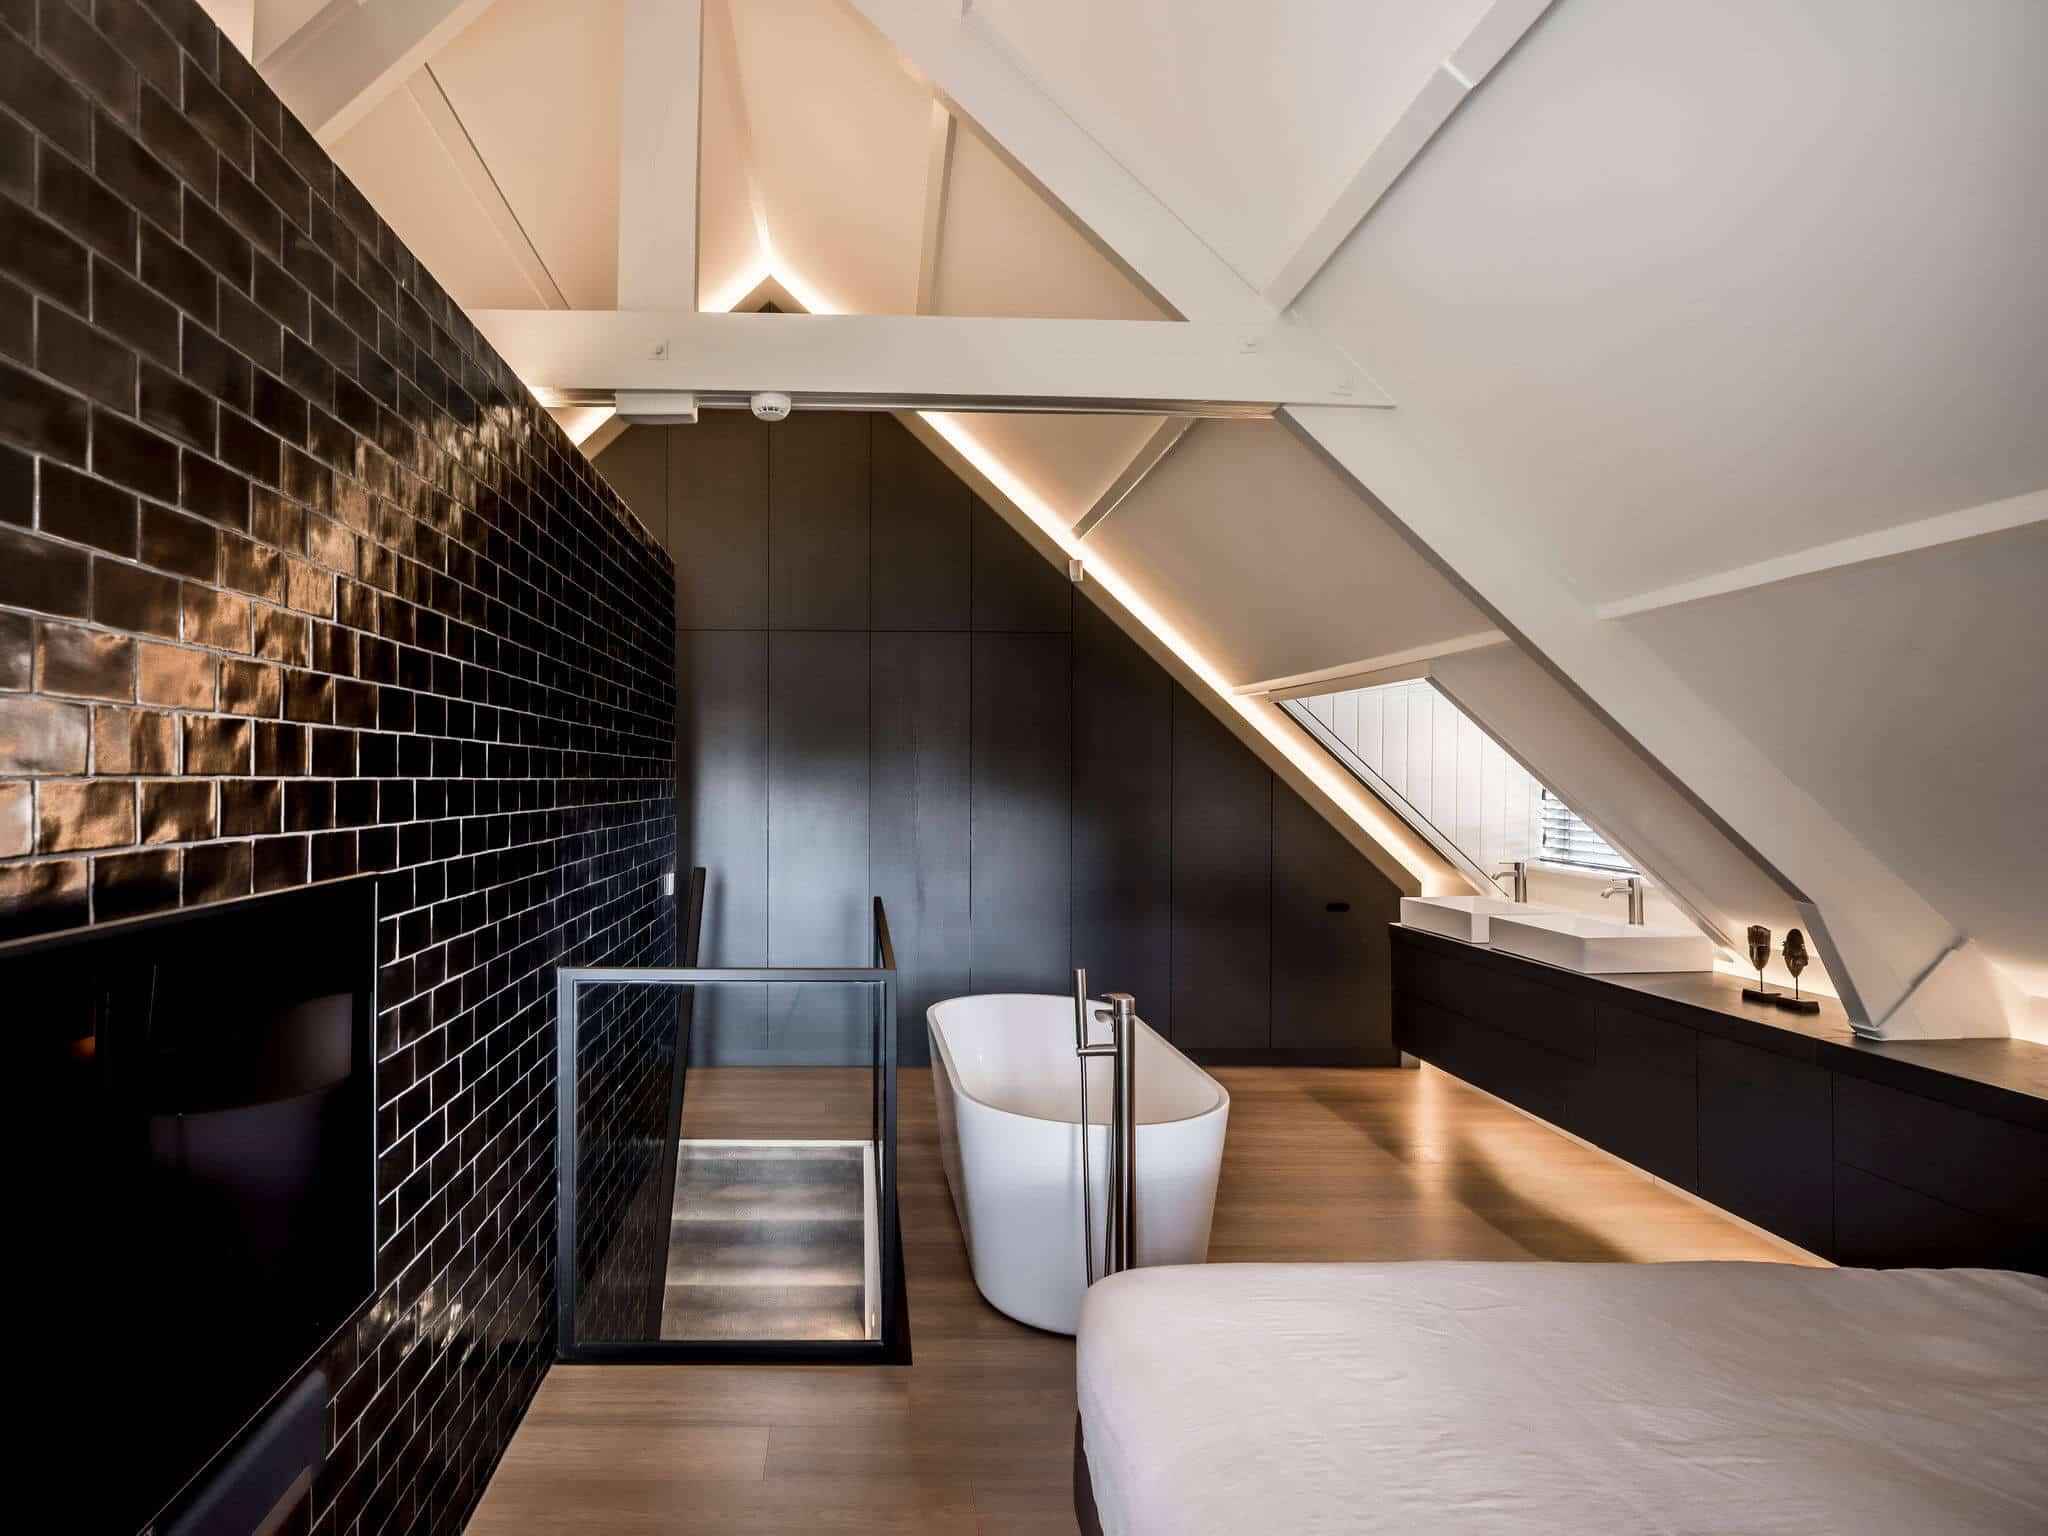 binnenhuisarchitect Wildenberg ontwerp slaapkamer zolder met bad TV en dressoir tegels van Piet Boon